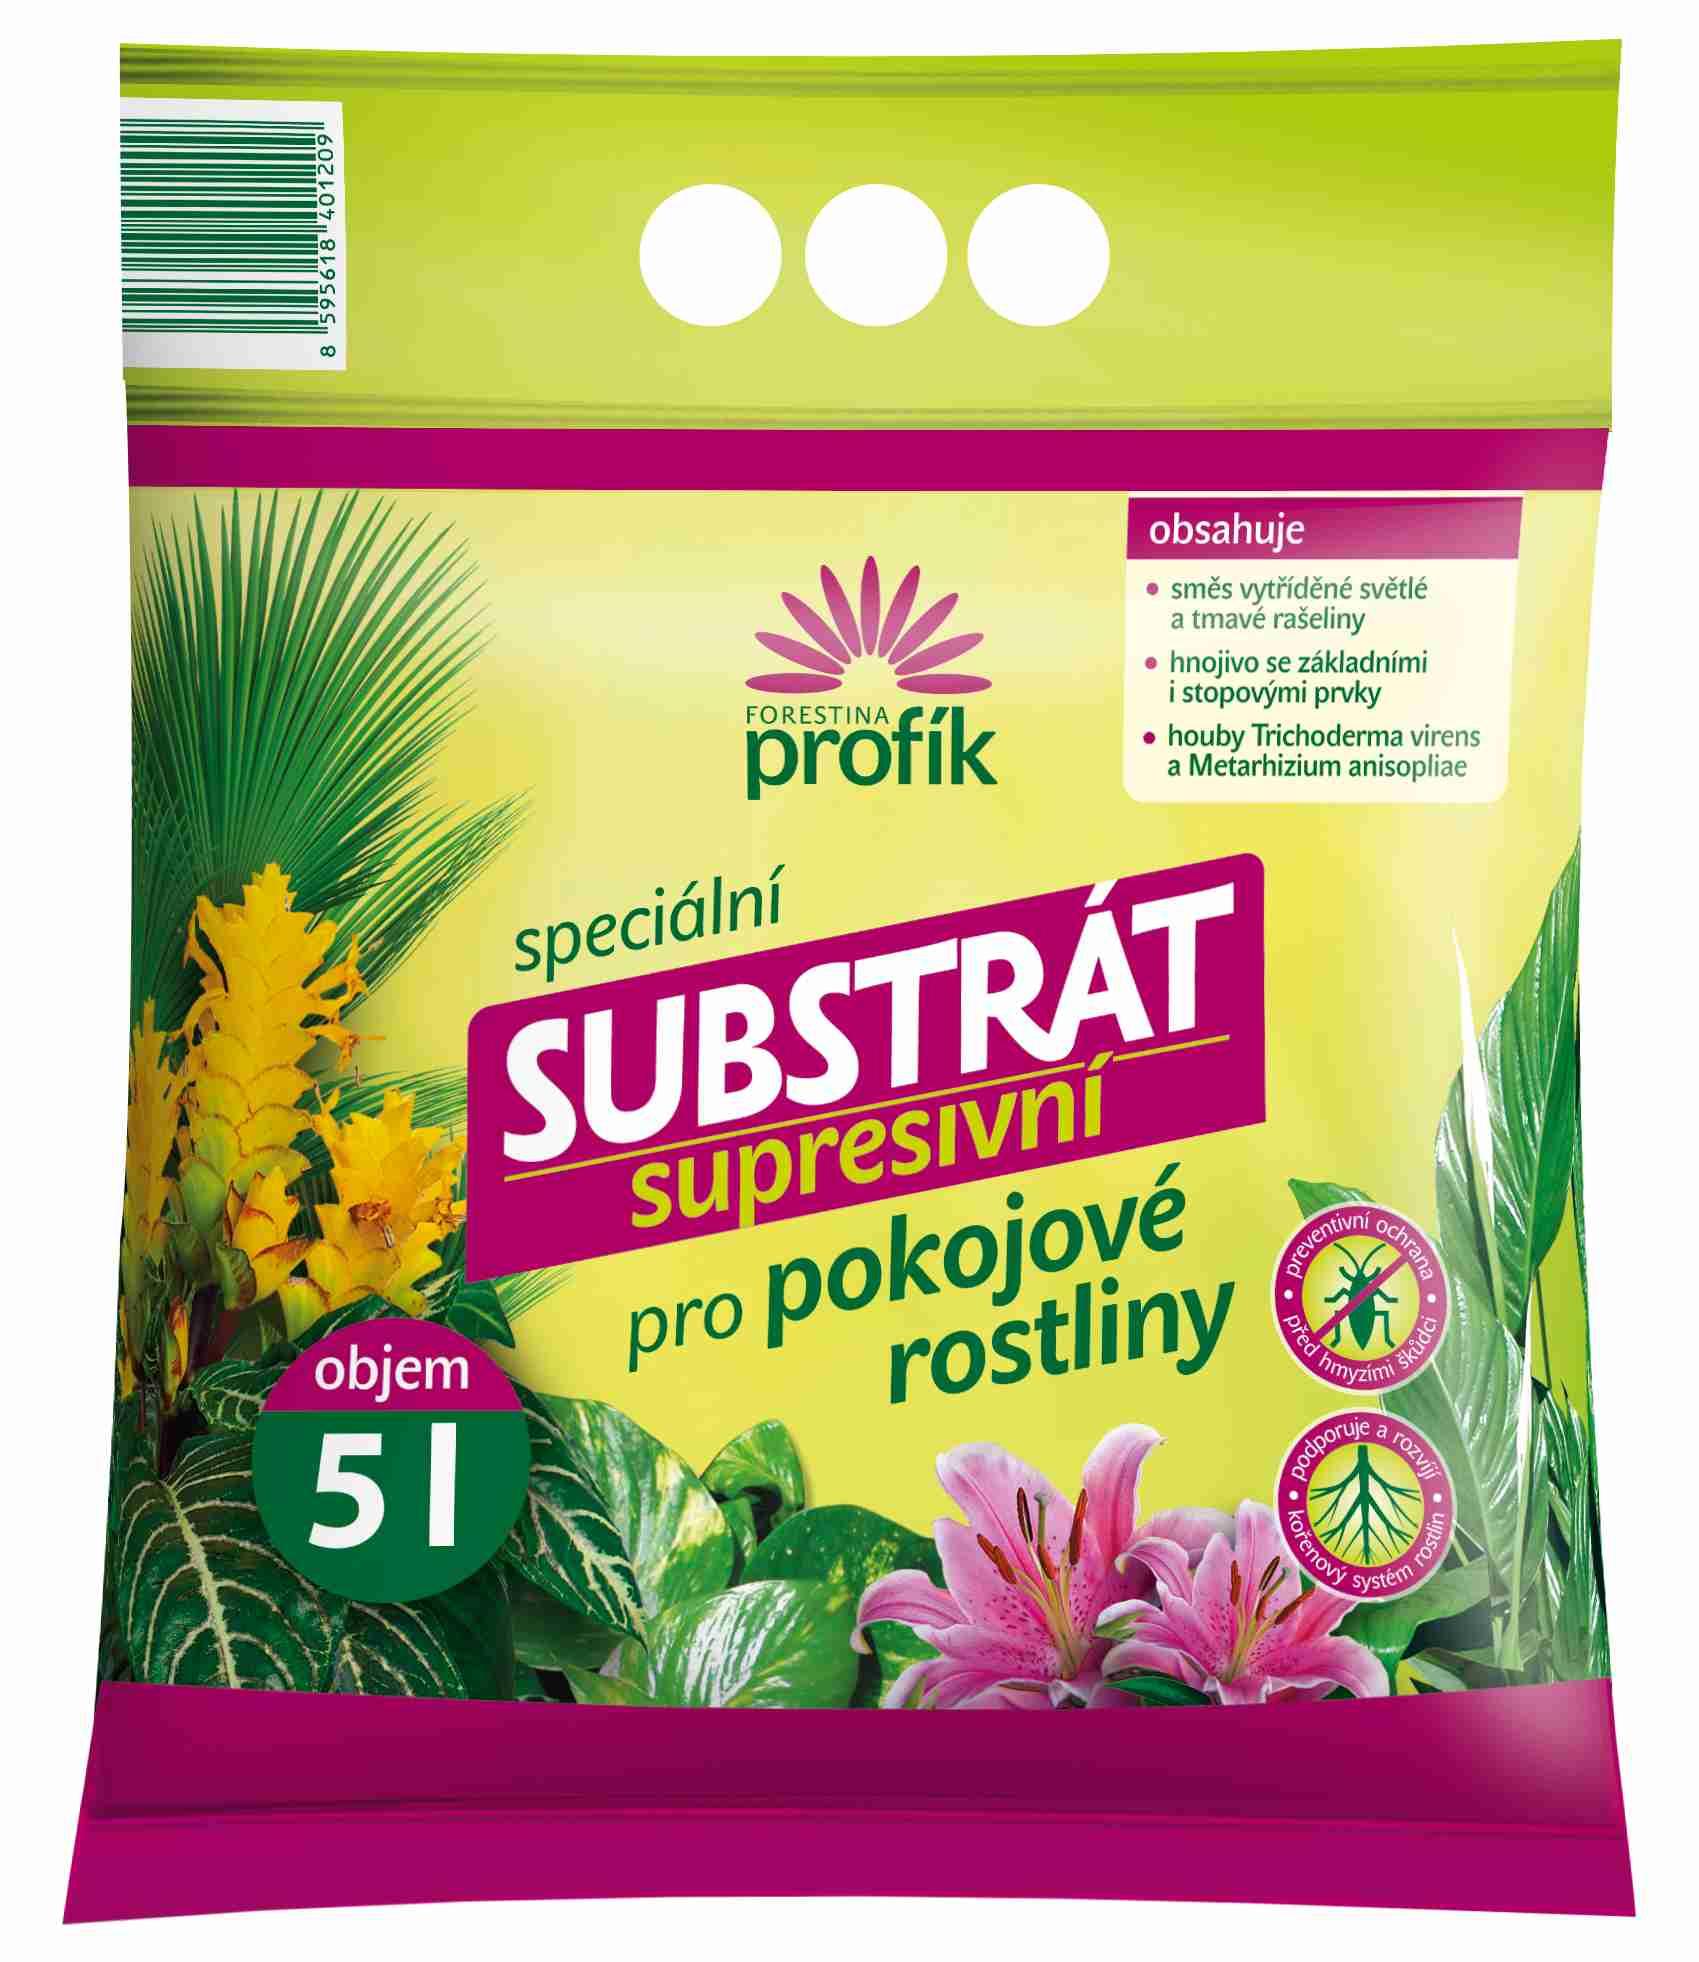 Supresivní substrát pro pokojové rostliny Forestina PROFÍK 15 l